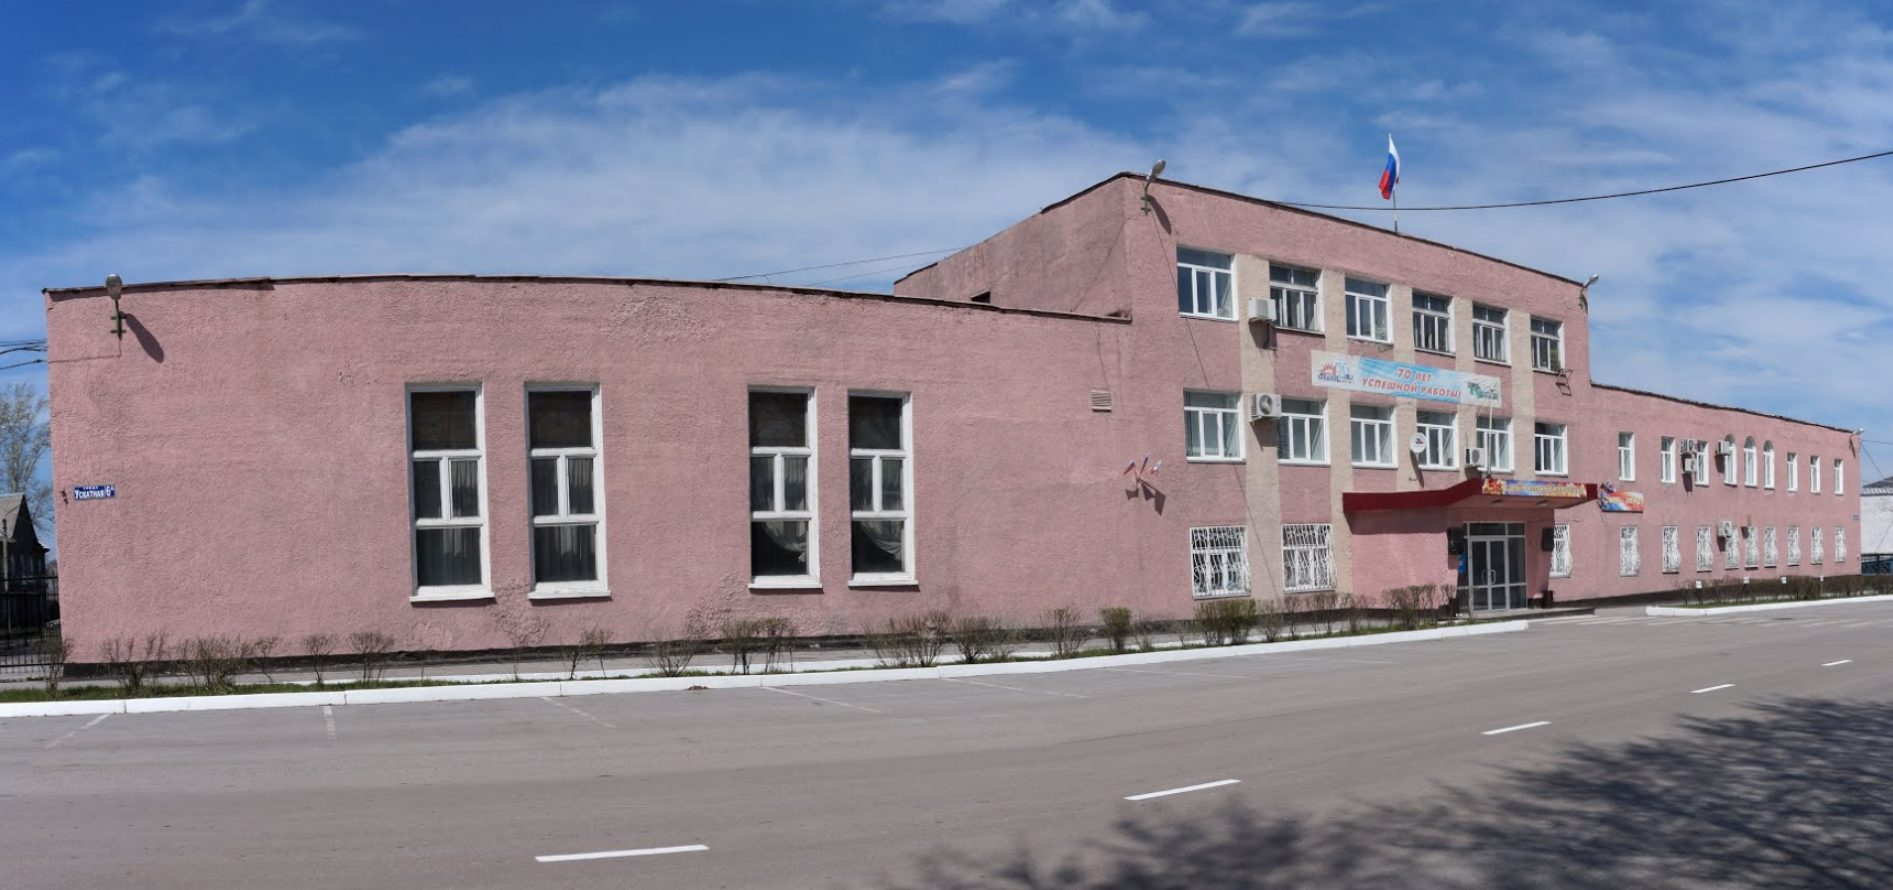 Завершен ввод в эксплуатацию системы диспетчеризации АСУ ТП в Киселевск